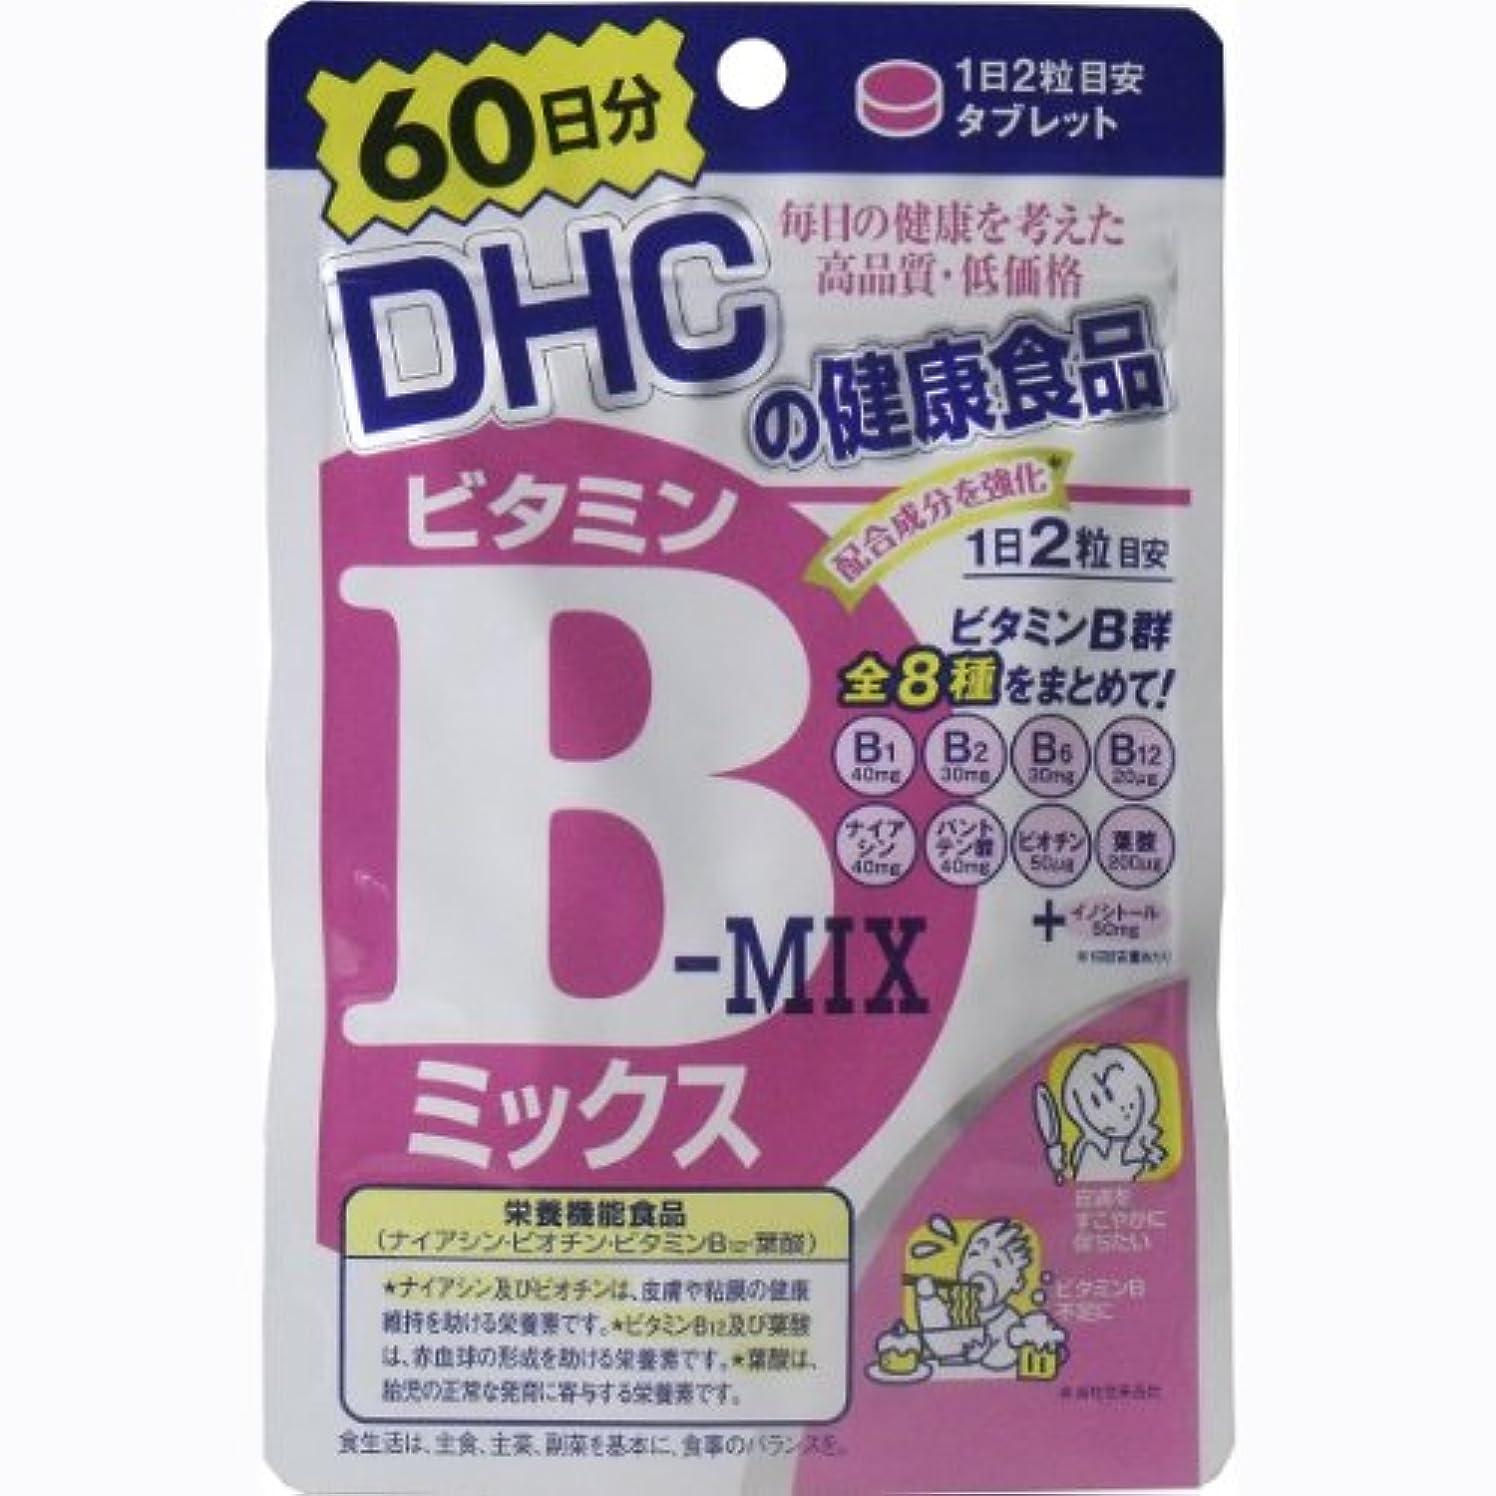 違反する権利を与える受け入れDHC ビタミンBミックス 120粒 60日分【4個セット】